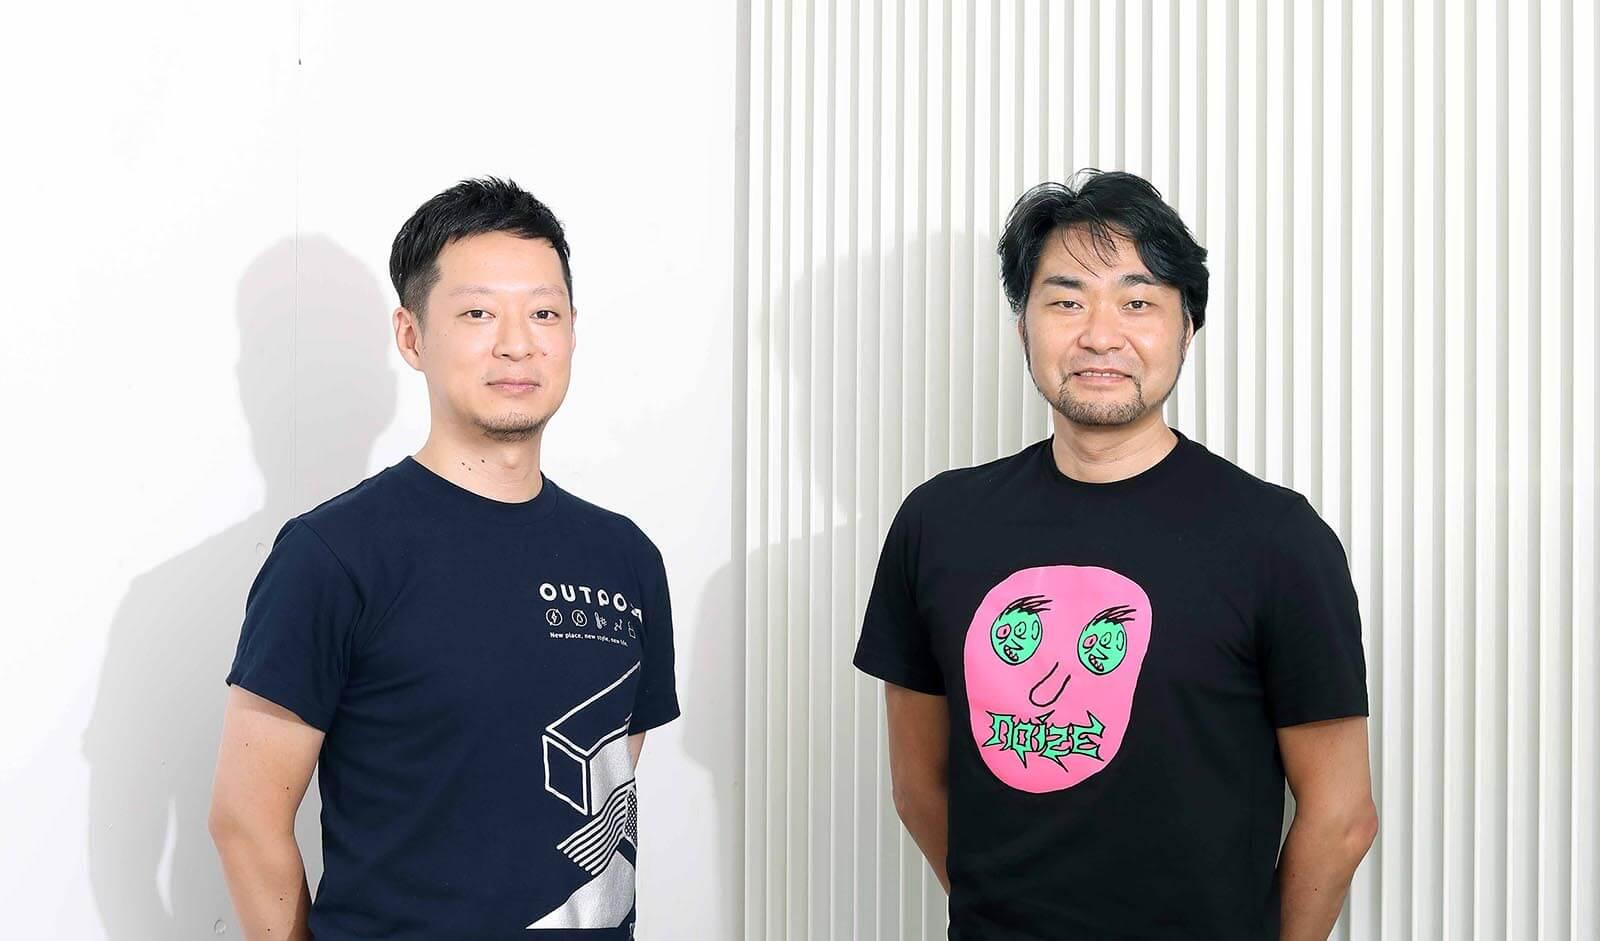 トレジャーデータ株式会社 若原 強氏(左)、株式会社エムテド 田子 學氏(右)